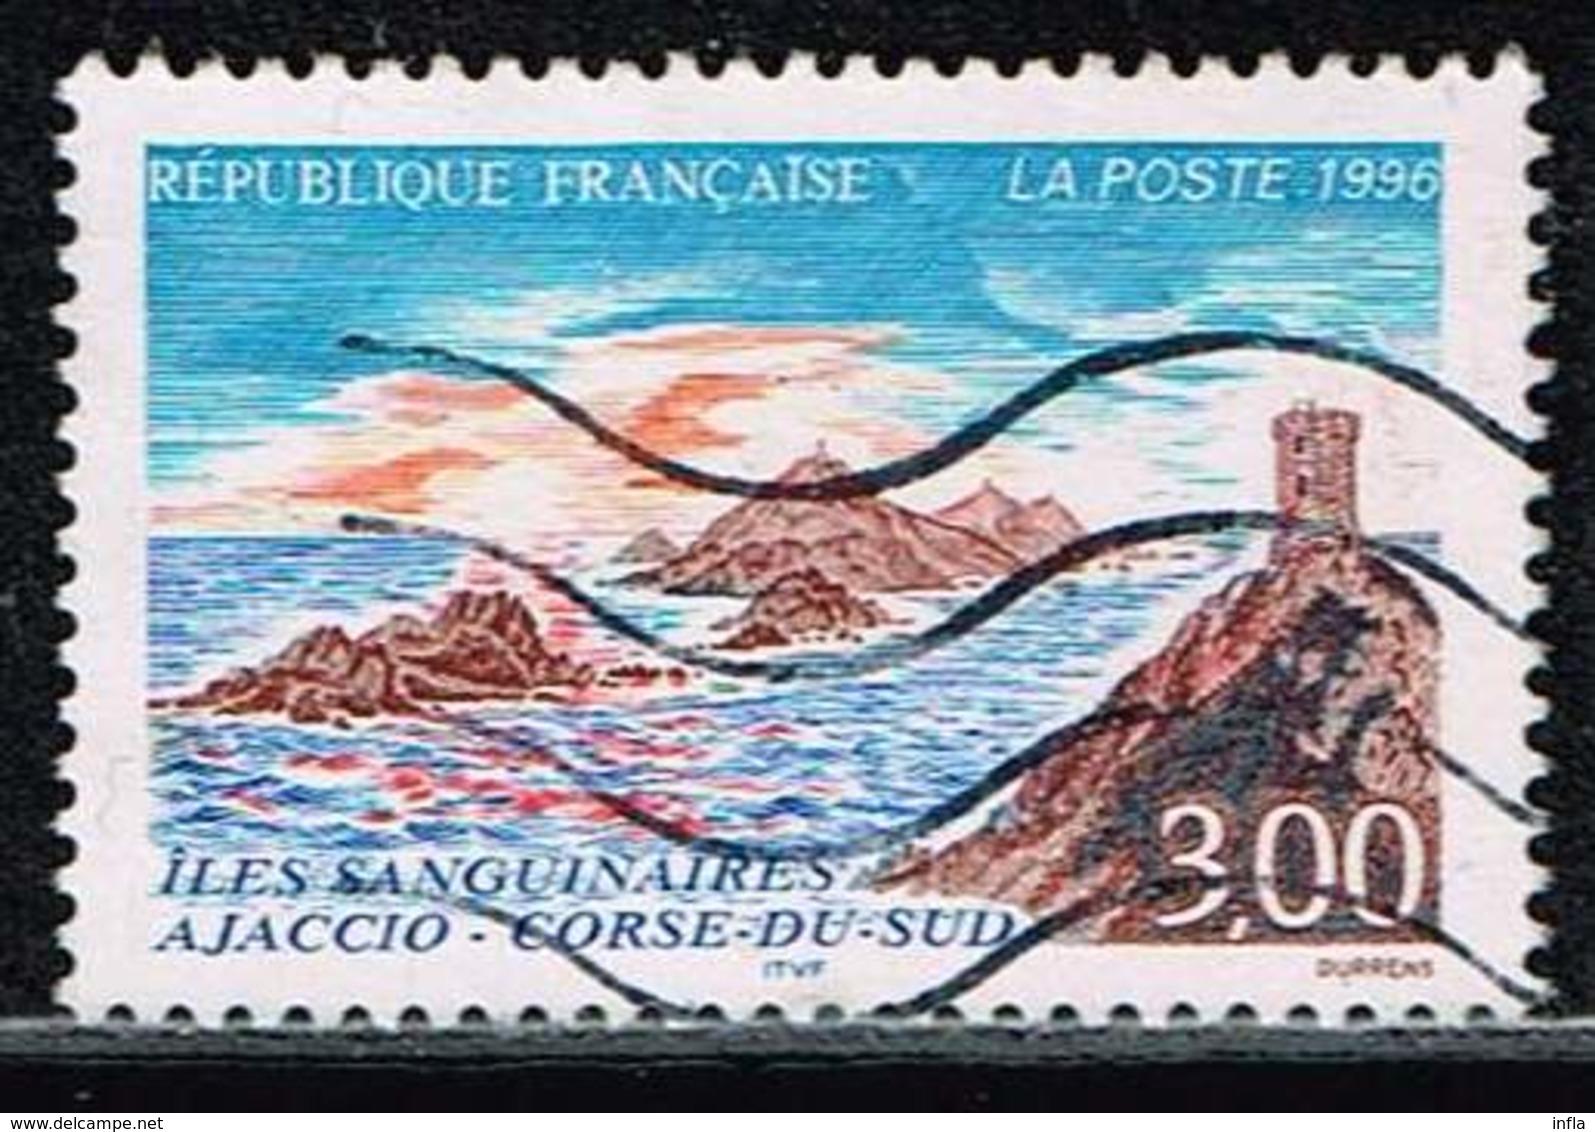 Frankreich 1996 , Michel# 3158 O Bloodthirsty Islands Ajaccio - Southern Corsica - Frankreich